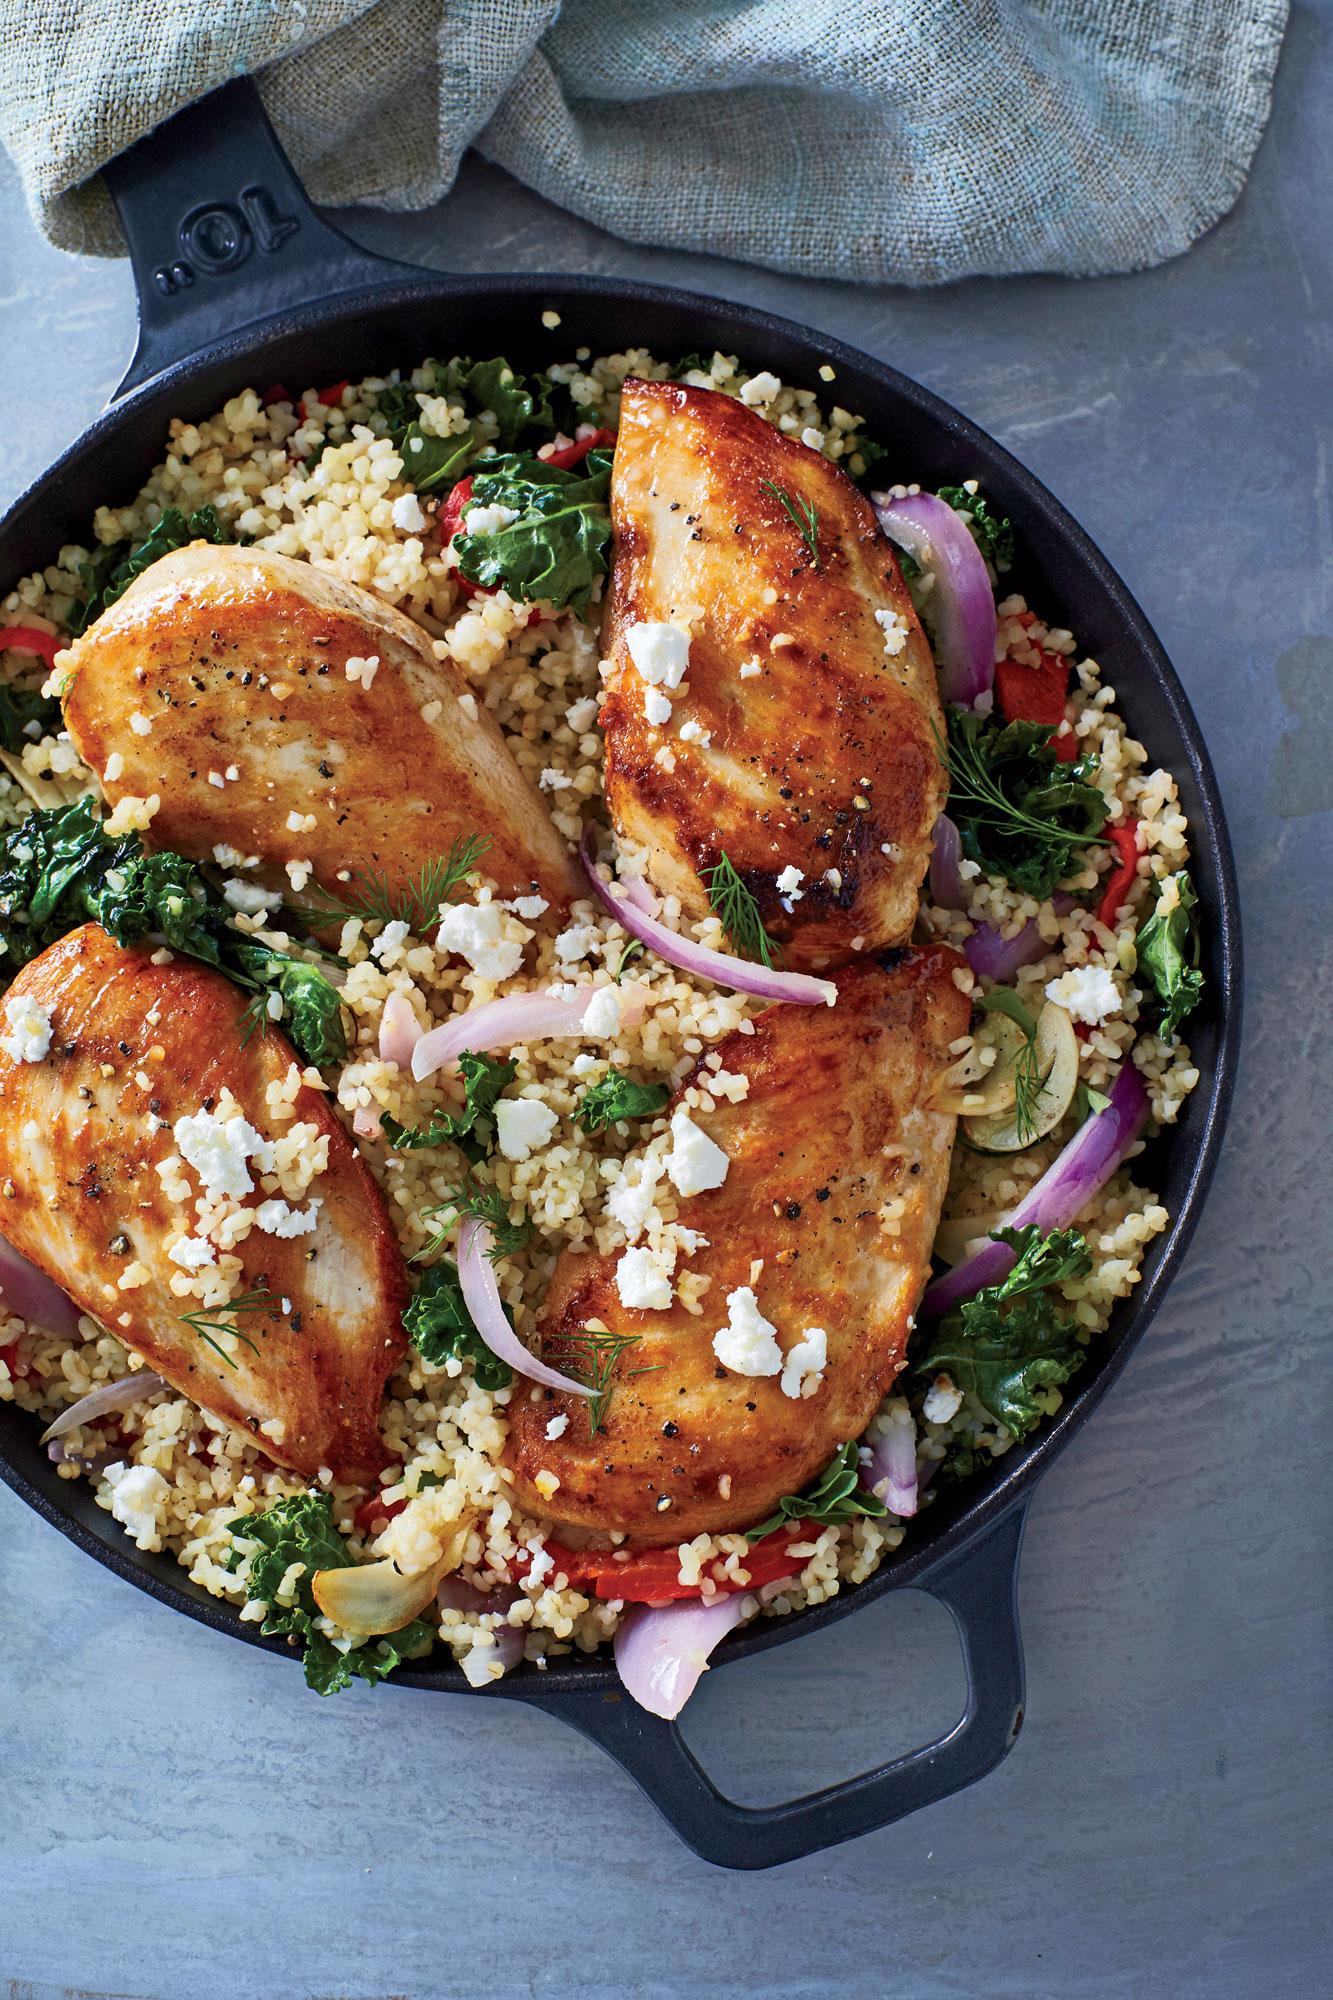 Mediterranean Meals - Magazine cover